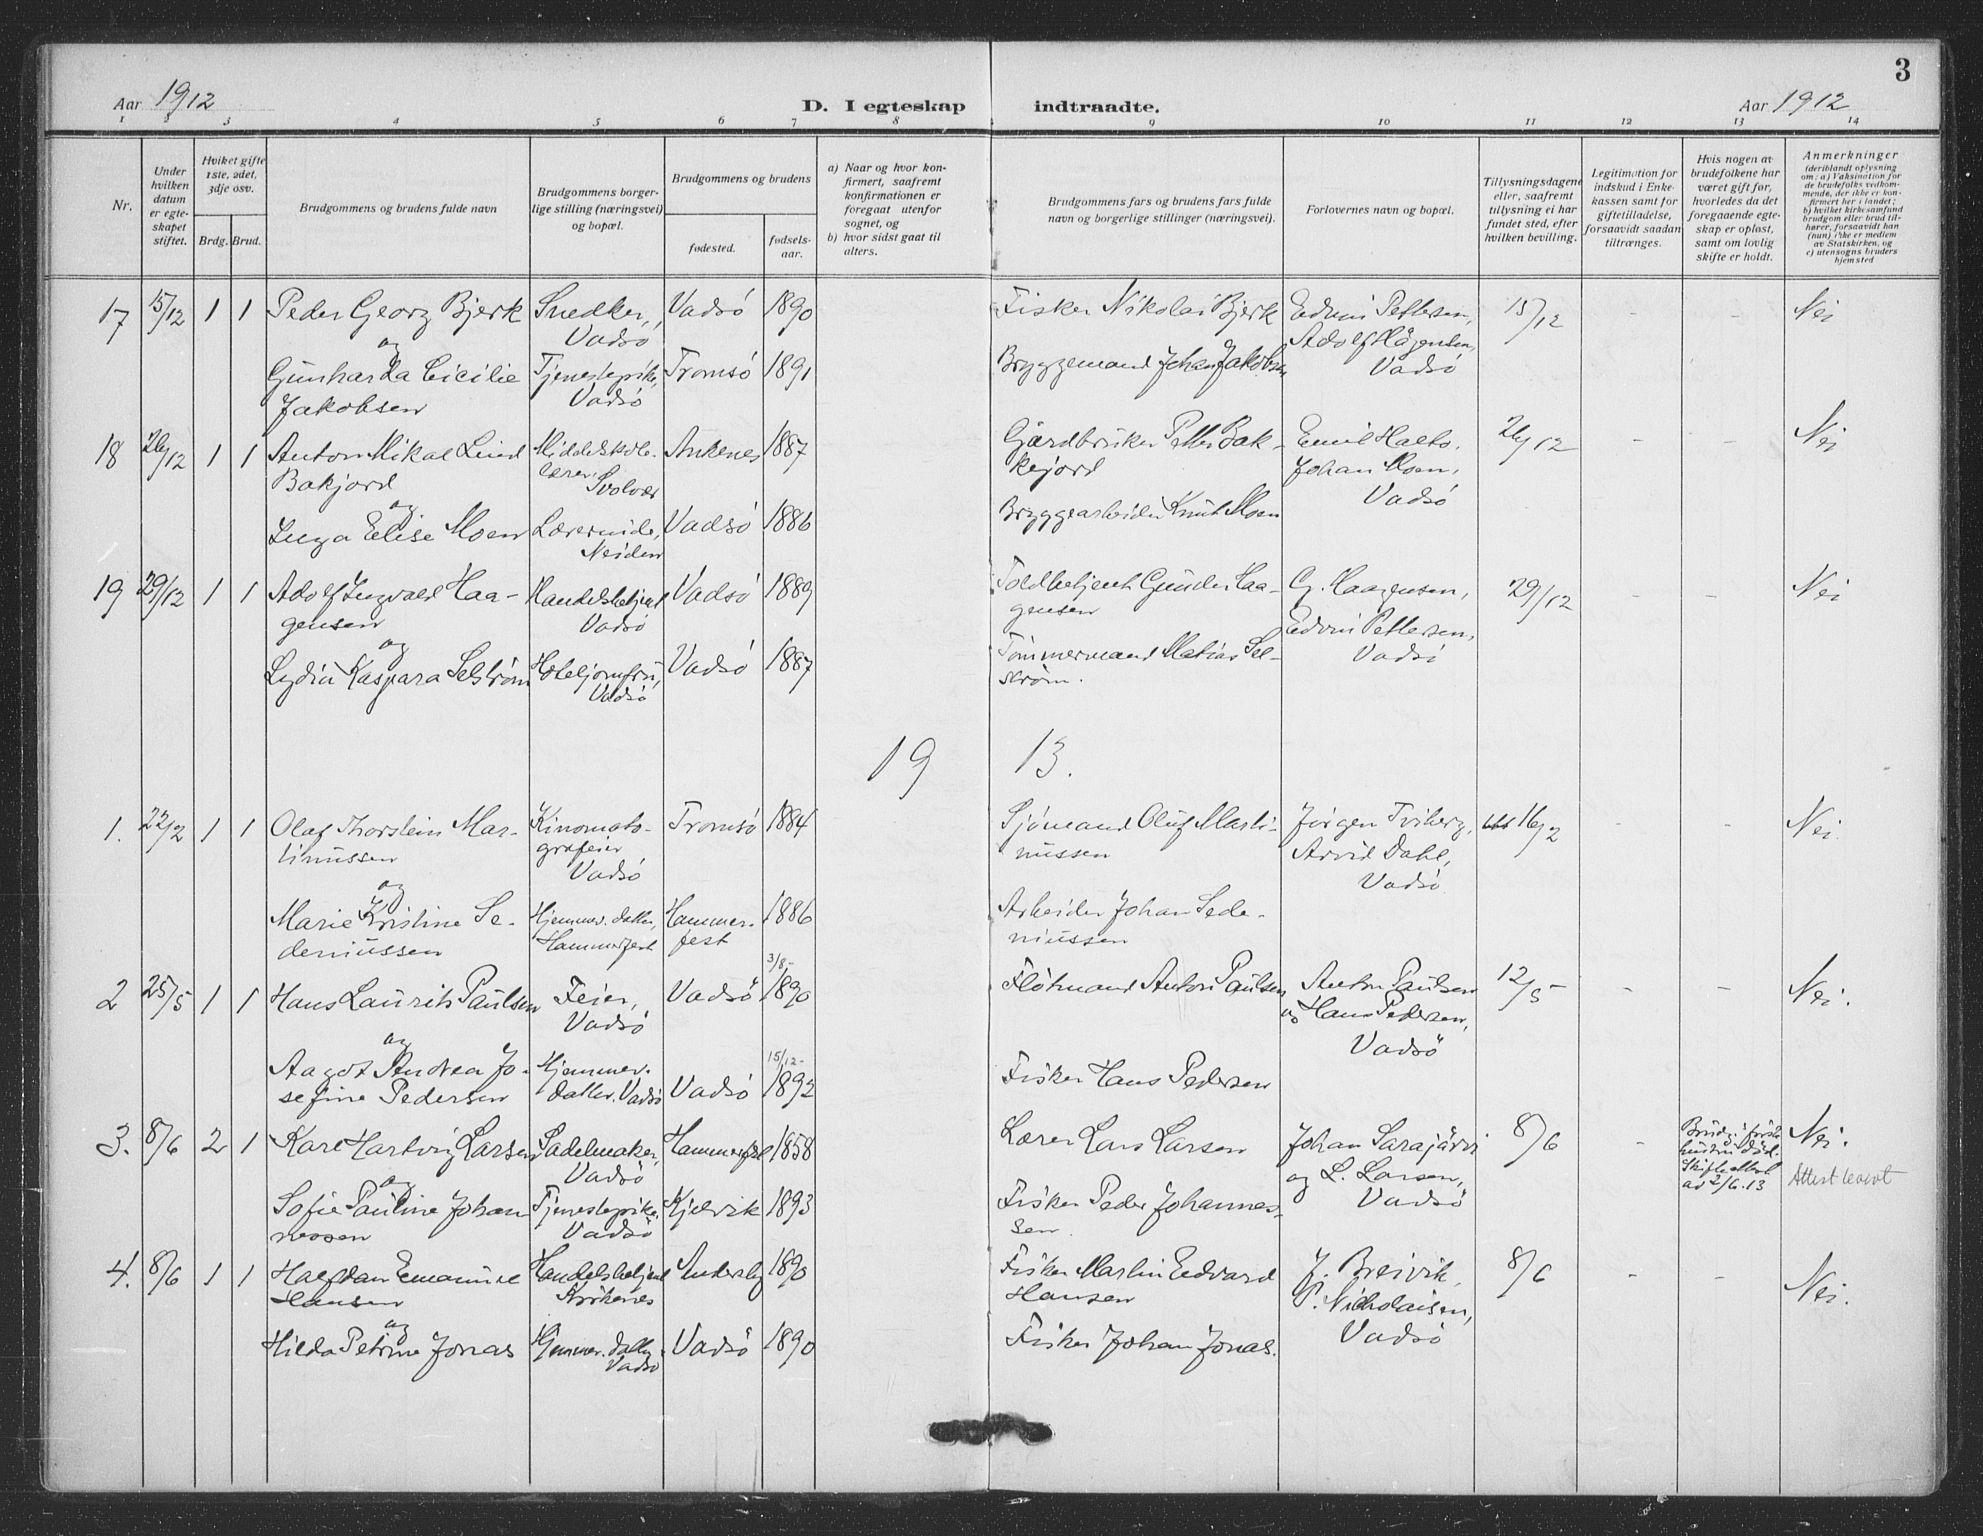 SATØ, Vadsø sokneprestkontor, H/Ha/L0008kirke: Ministerialbok nr. 8, 1912-1930, s. 3